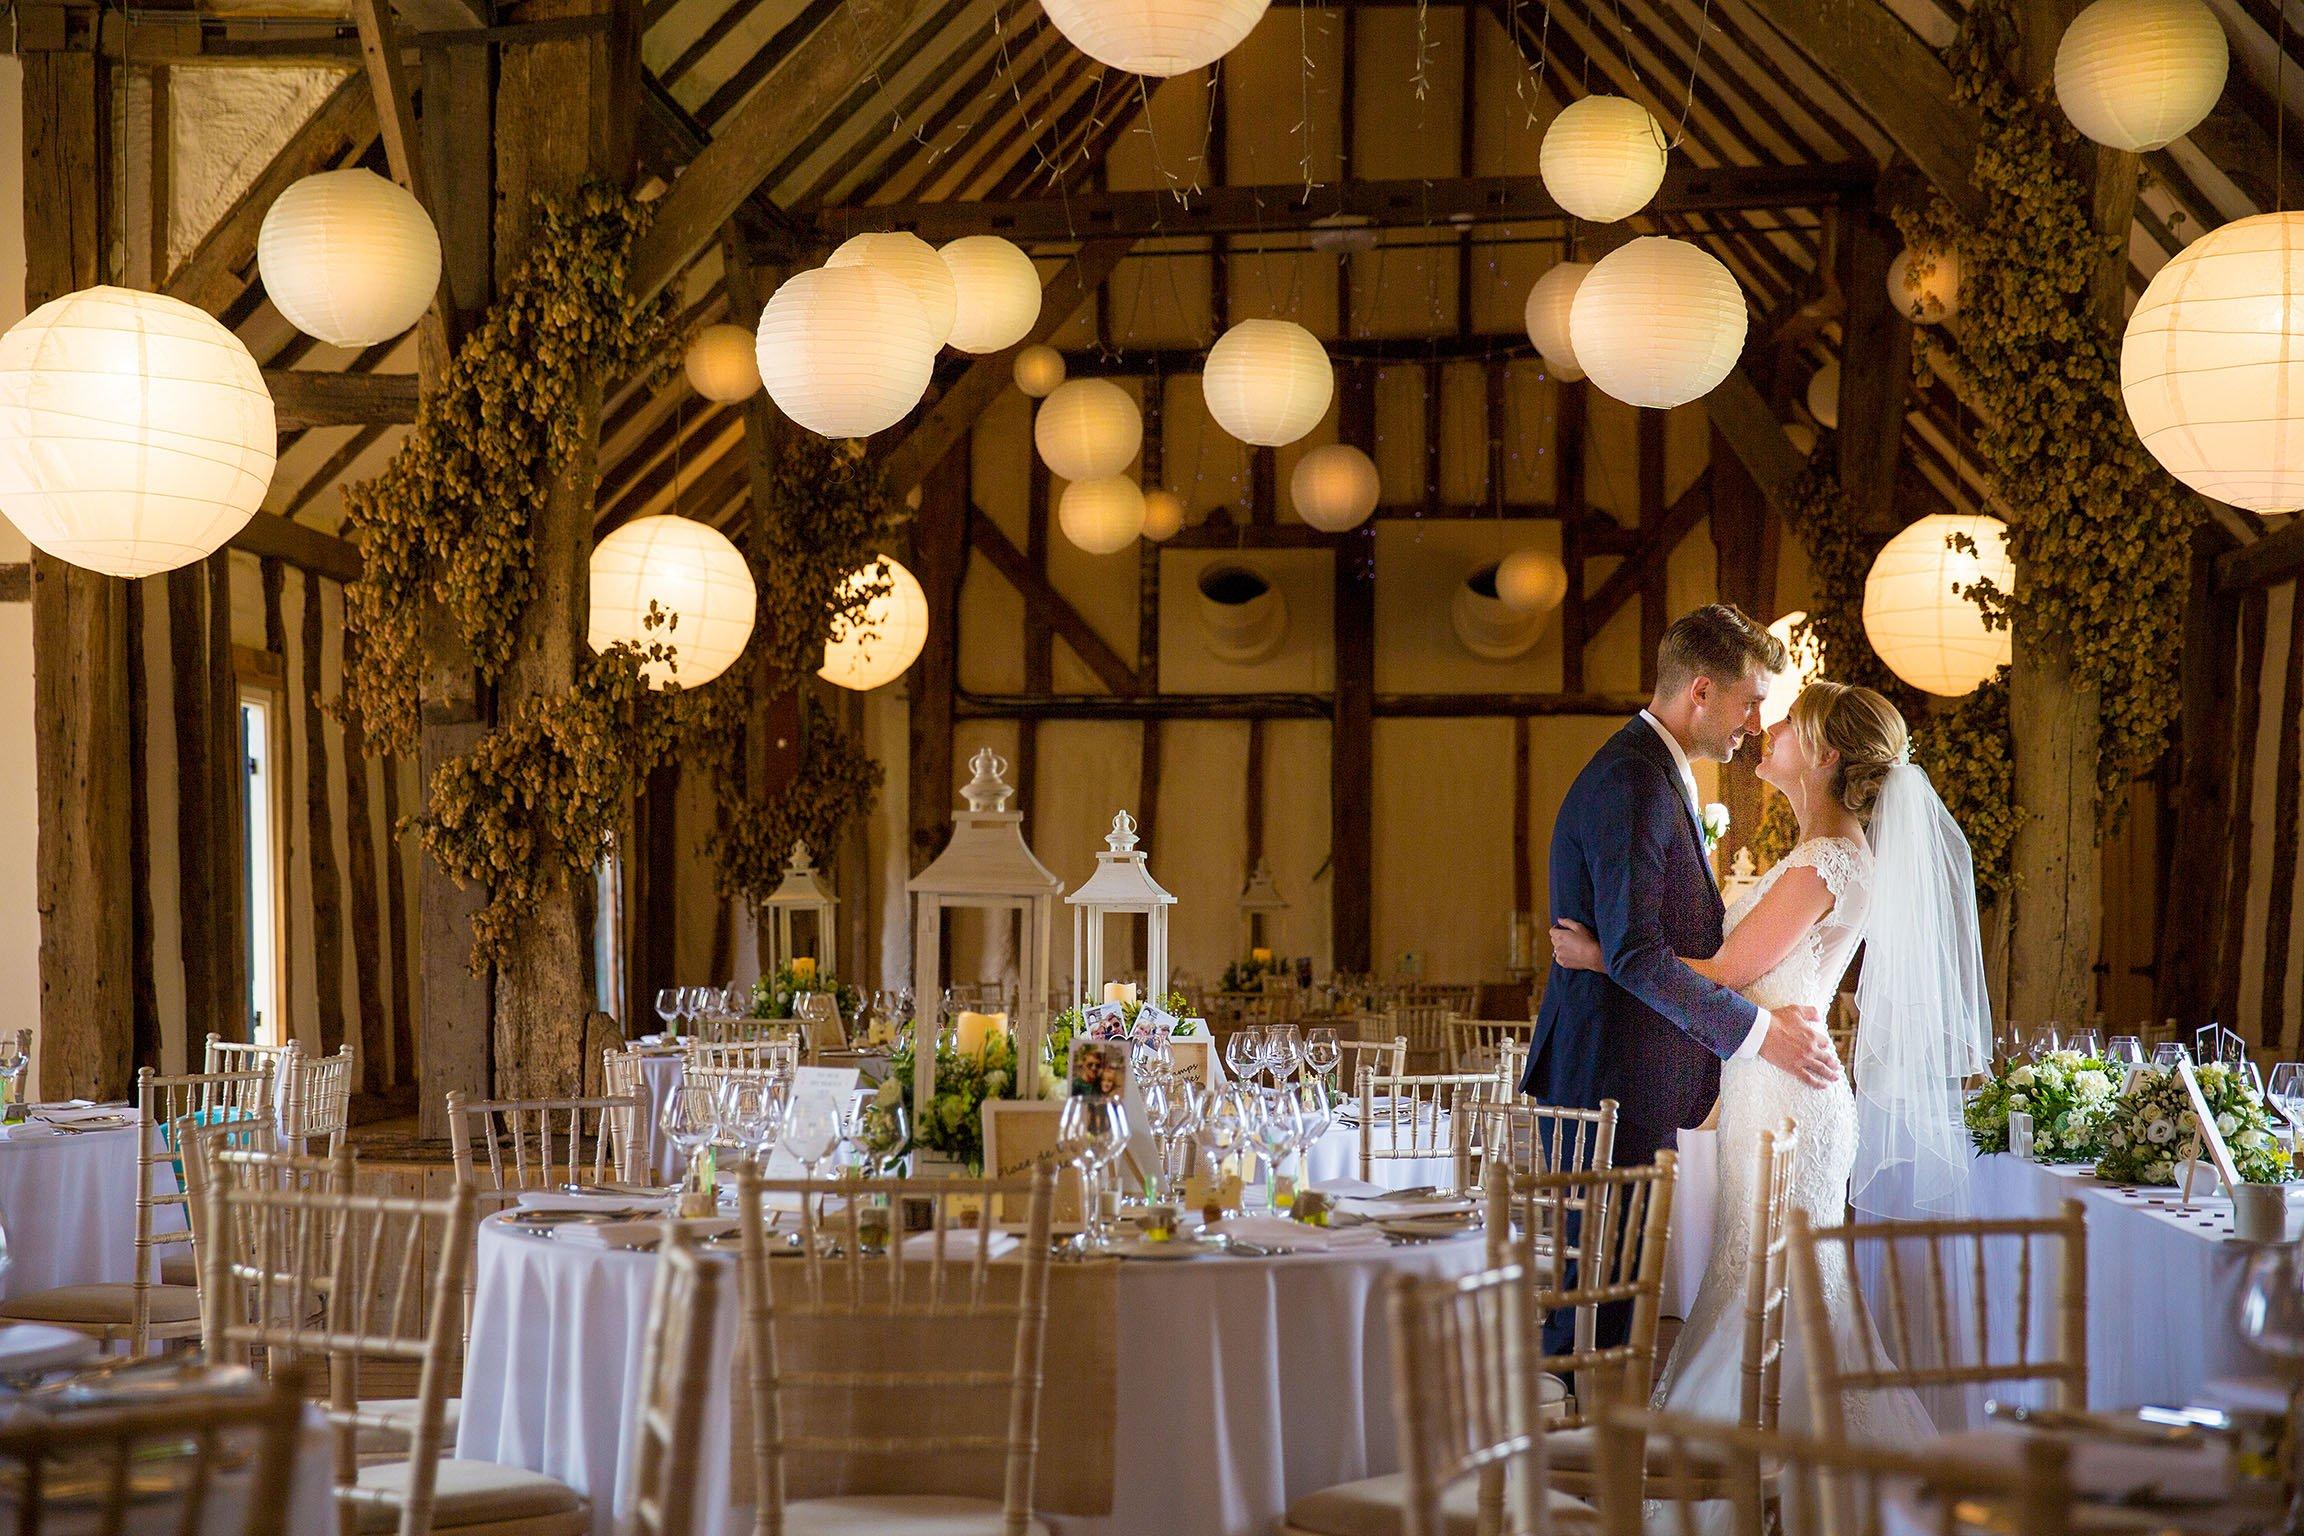 Wedding photos at Winters Barns